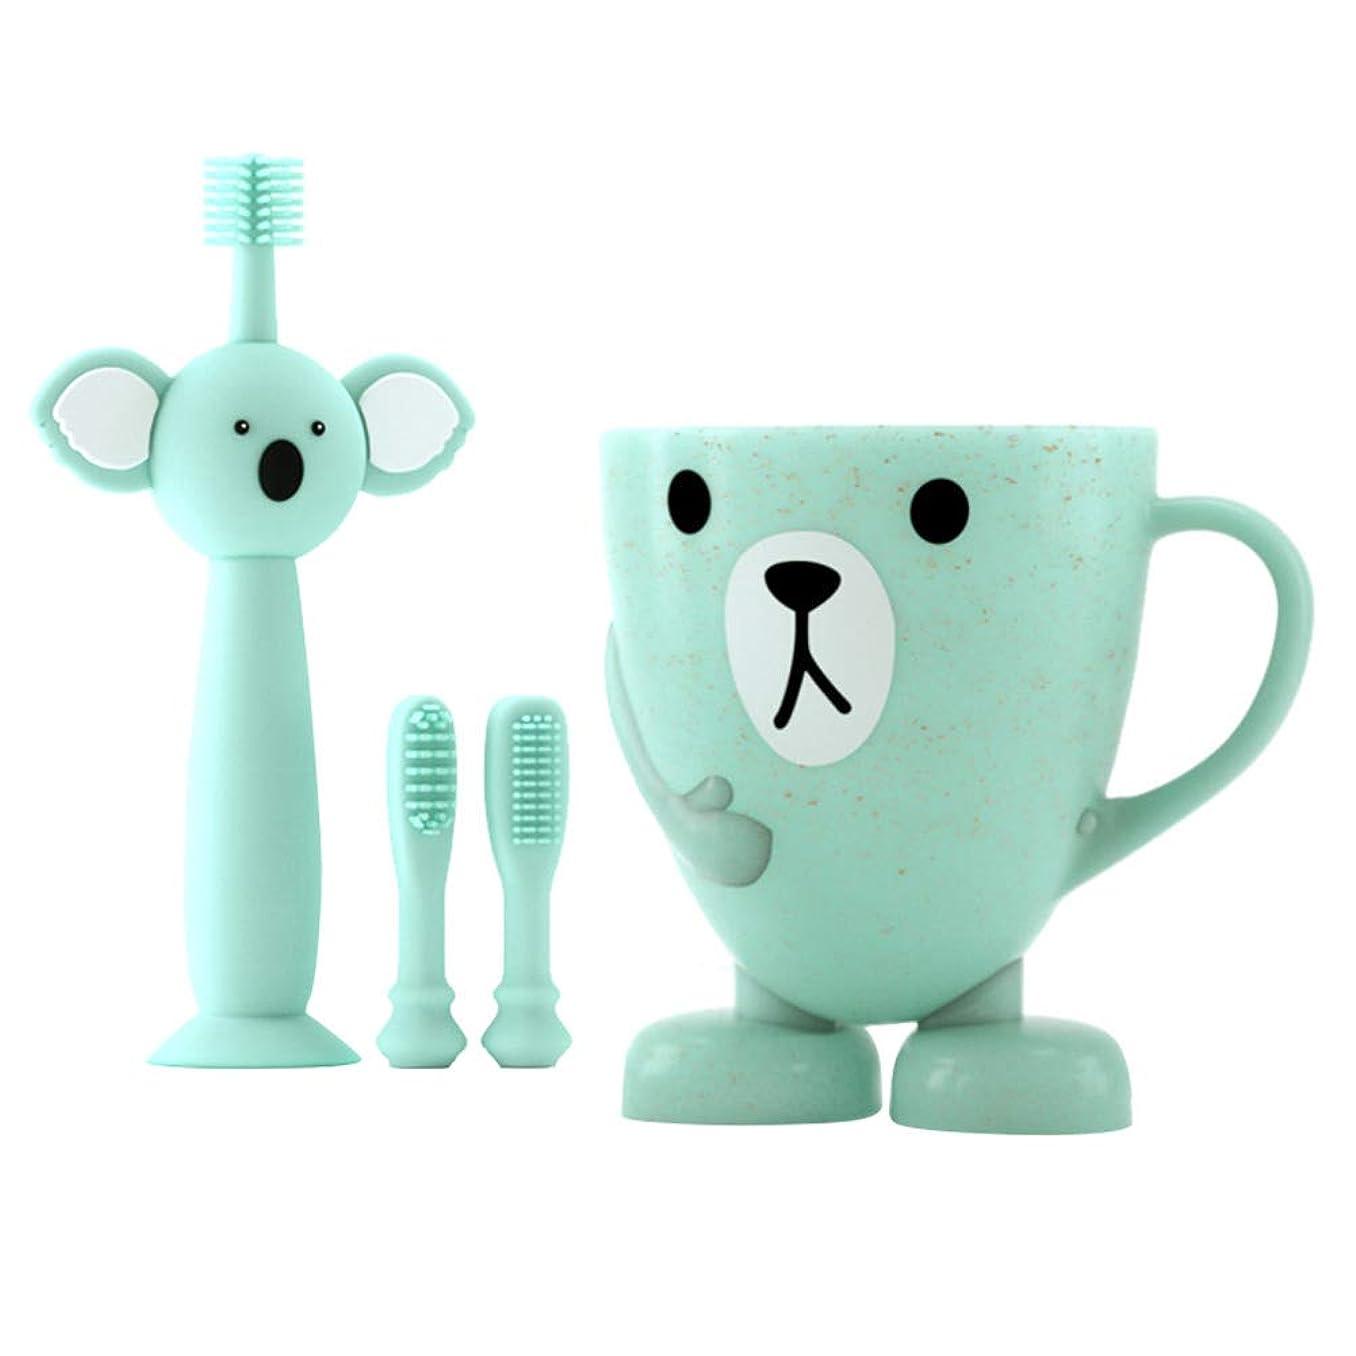 コンピューター幹倫理TOYANDONA 赤ちゃんの歯のクリーニングセット幼児シリコン歯ブラシ2個付き交換用ブラシヘ??ッドカップ4個